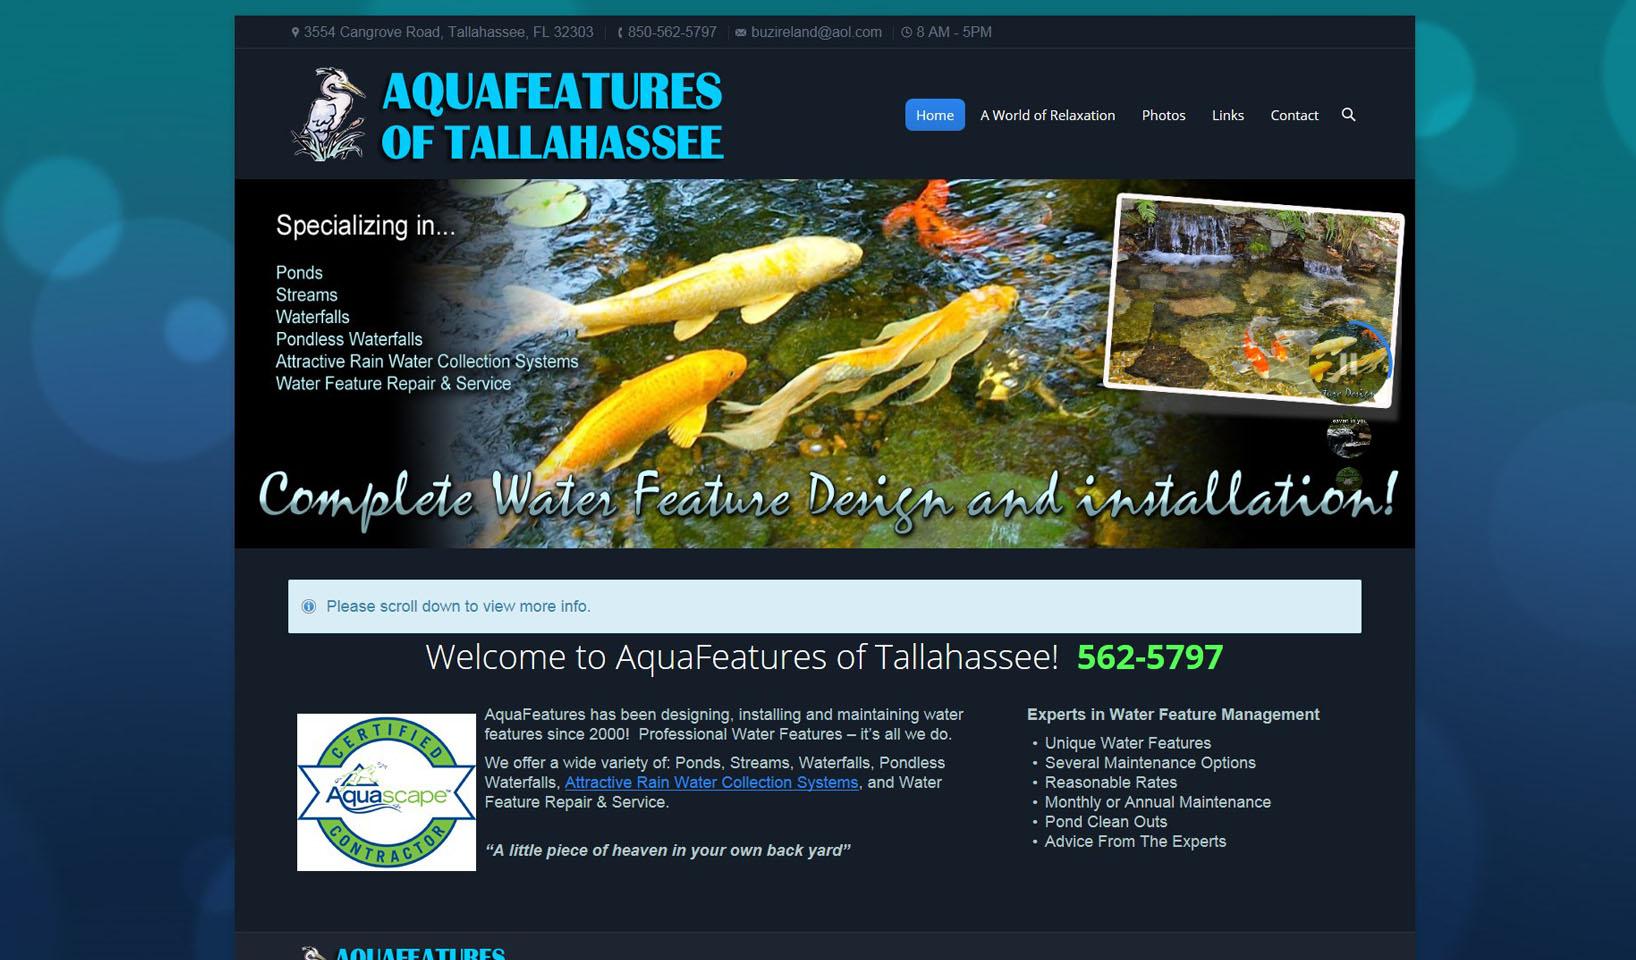 AquaFeatures